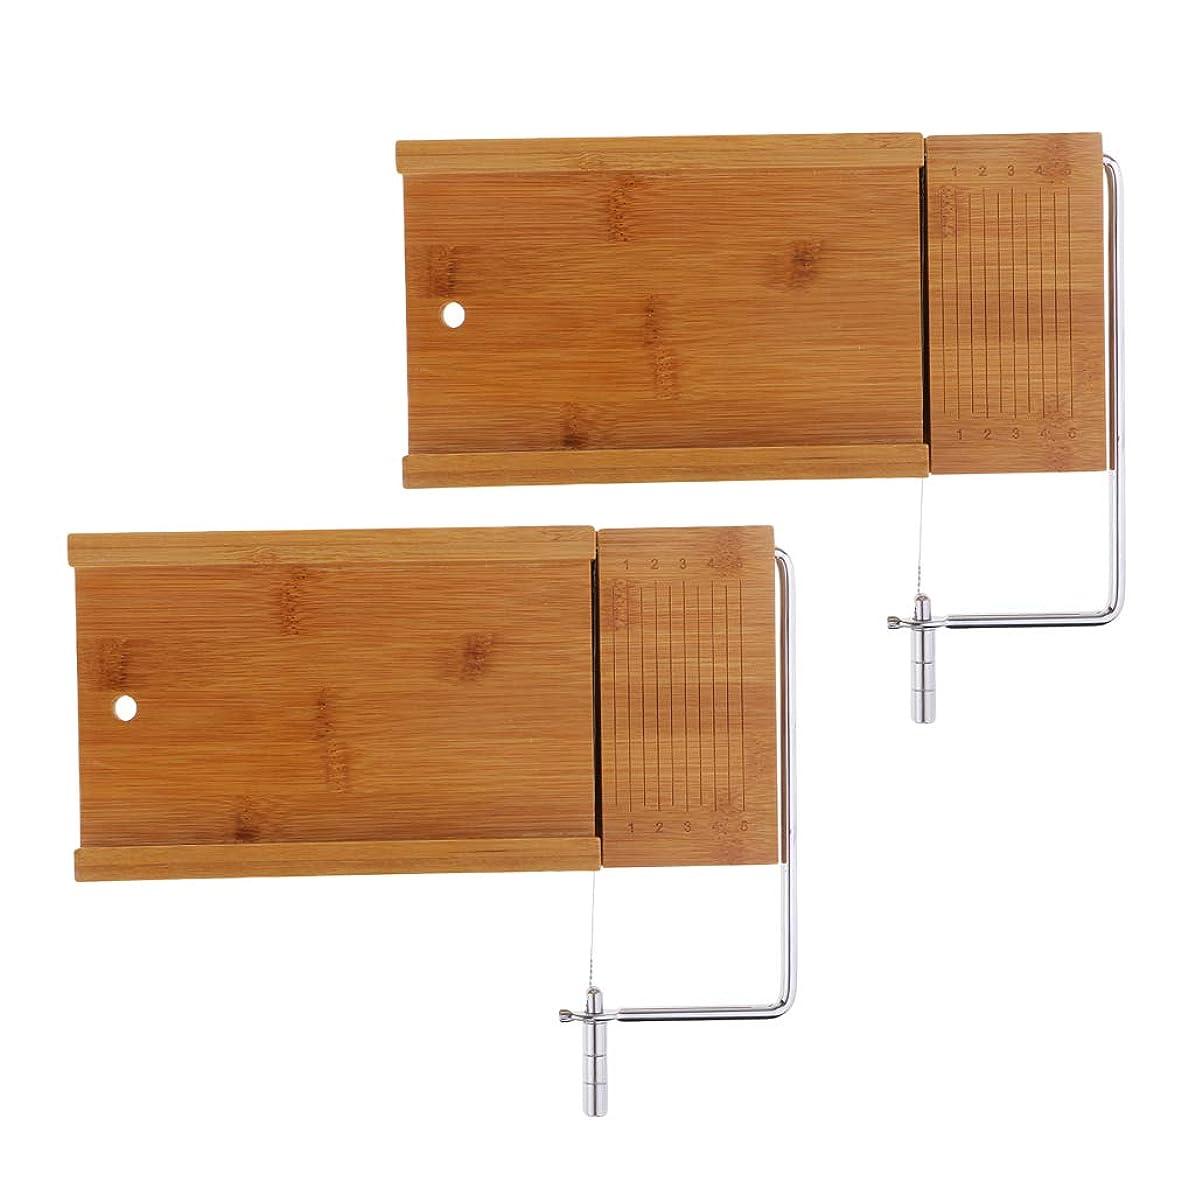 苦いお風呂を持っている苦情文句Fenteer 石鹸のカッター 木質 ソープ切削工具 せっけんスライサー ワイヤースライサー ステンレス鋼 2個セット